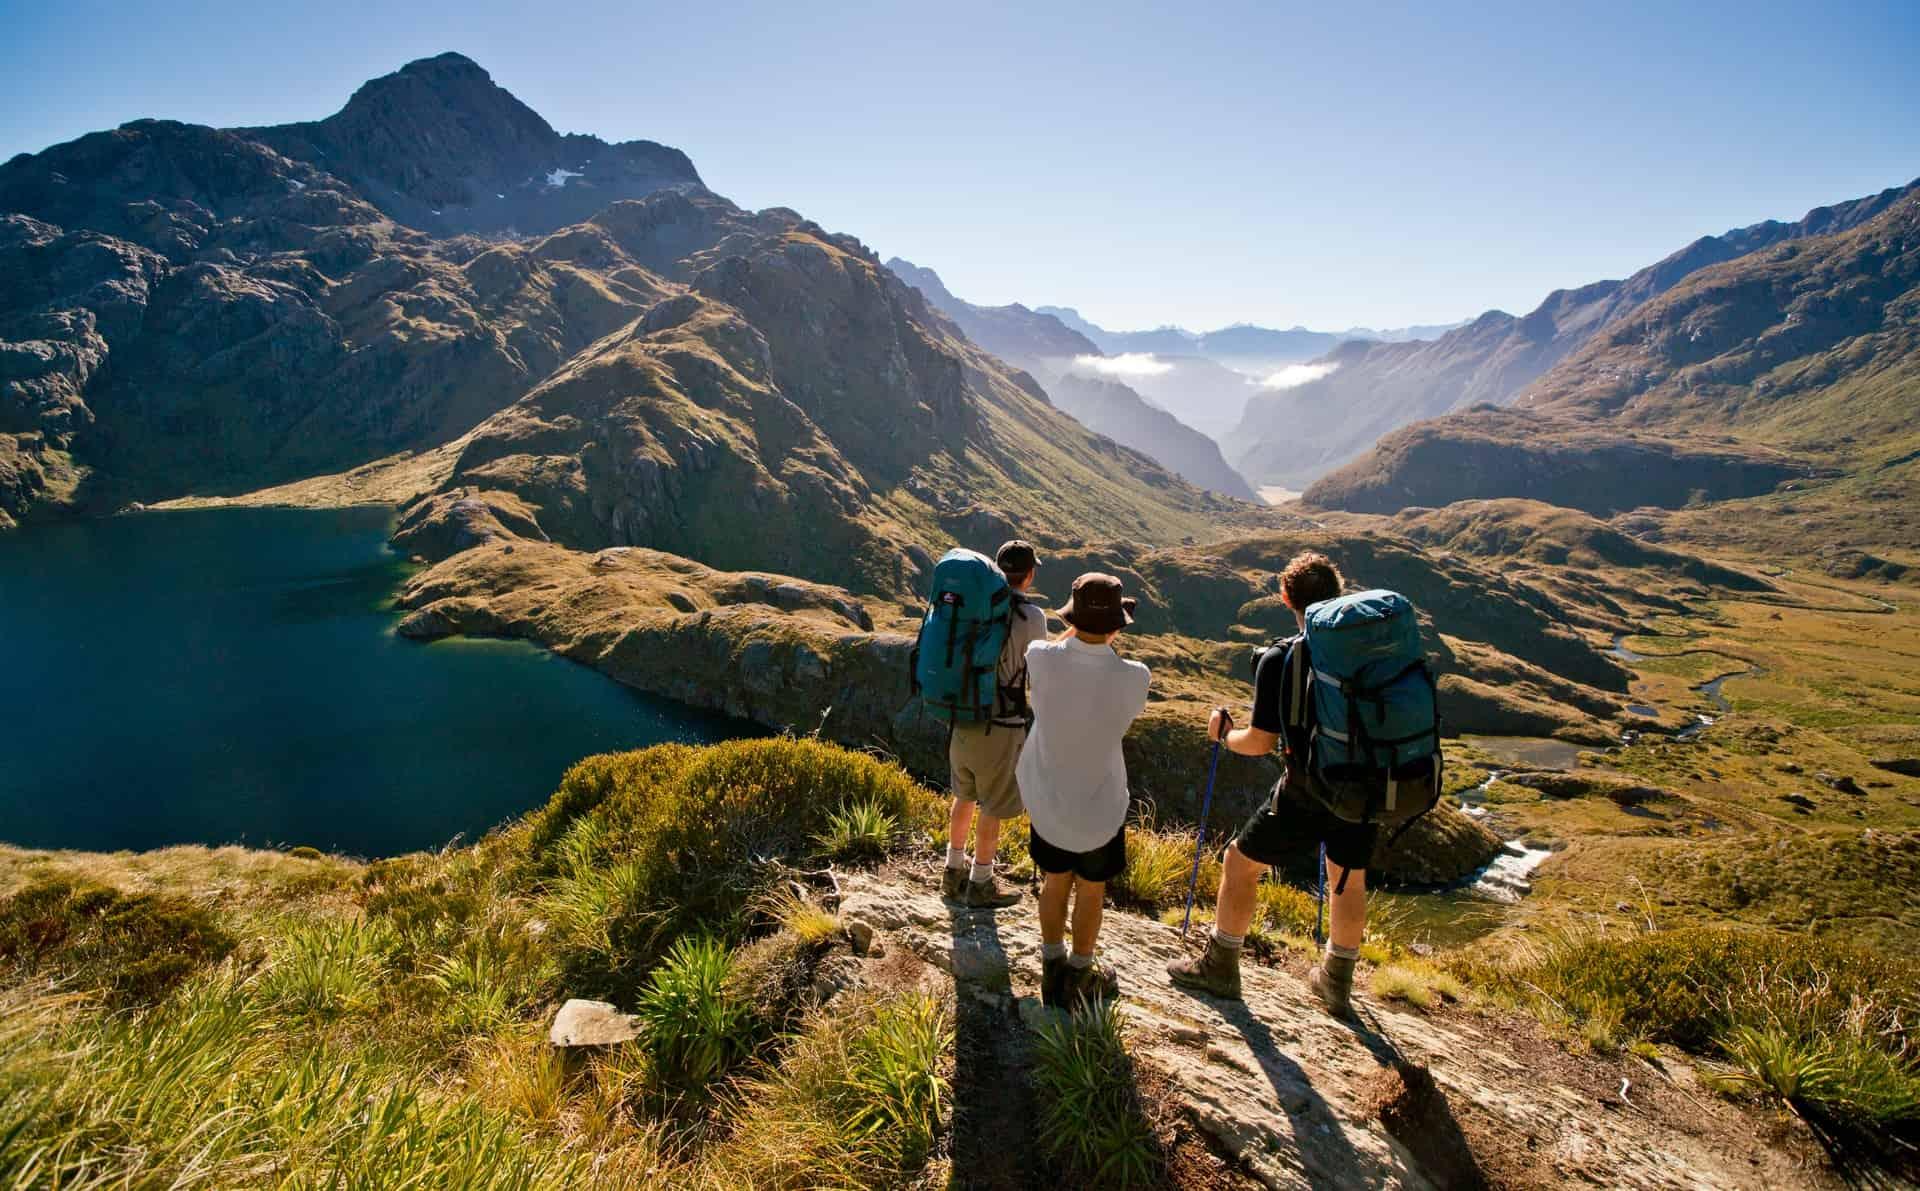 Neuseeland Südinsel Routeburn Track Fiordland Ozeanien Tours